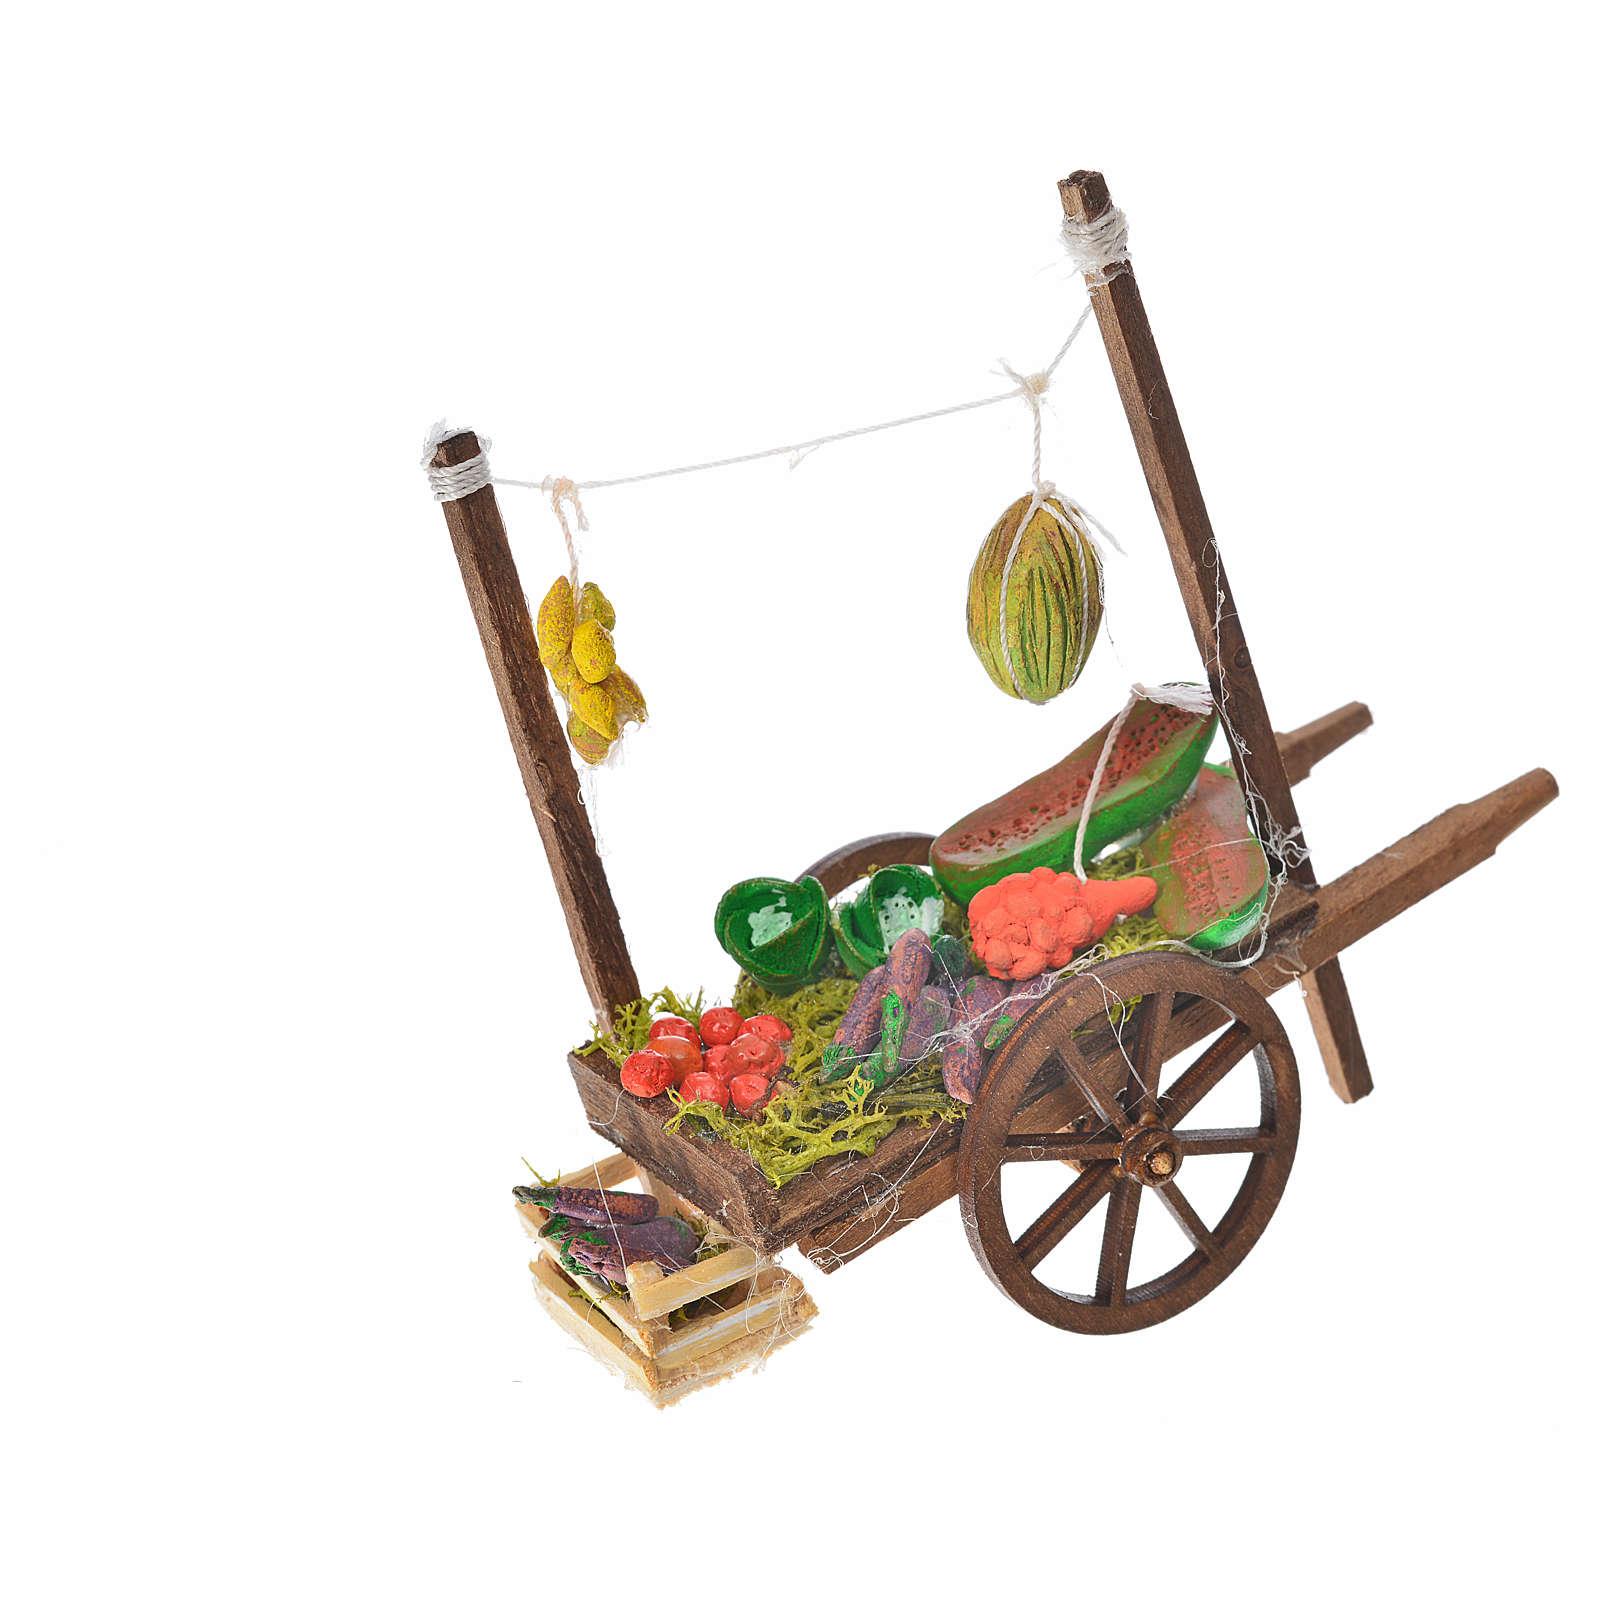 Carretto napoletano ortaggi frutta terracotta 11x11x4,5 4